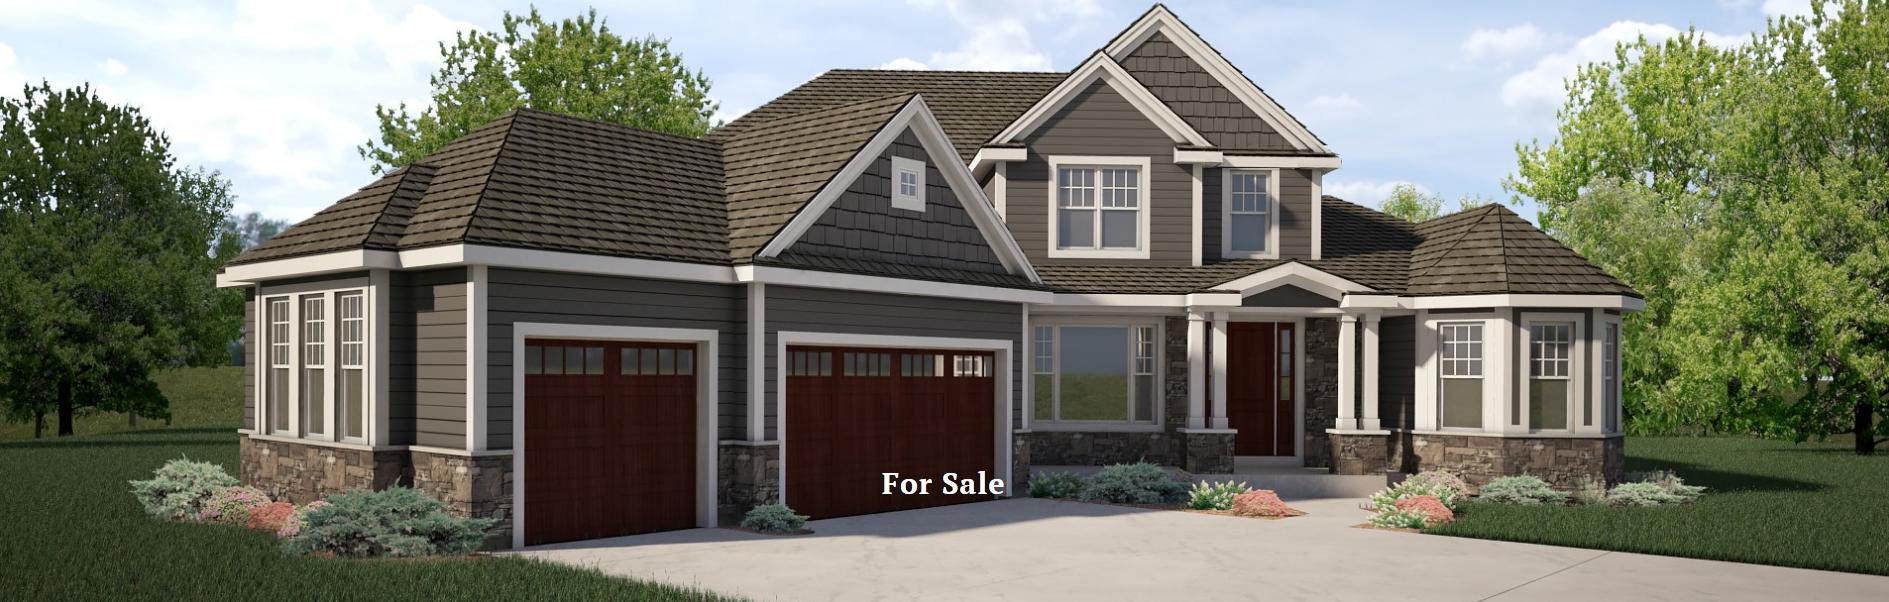 Best Home Builders In Southeastern Wisconsin